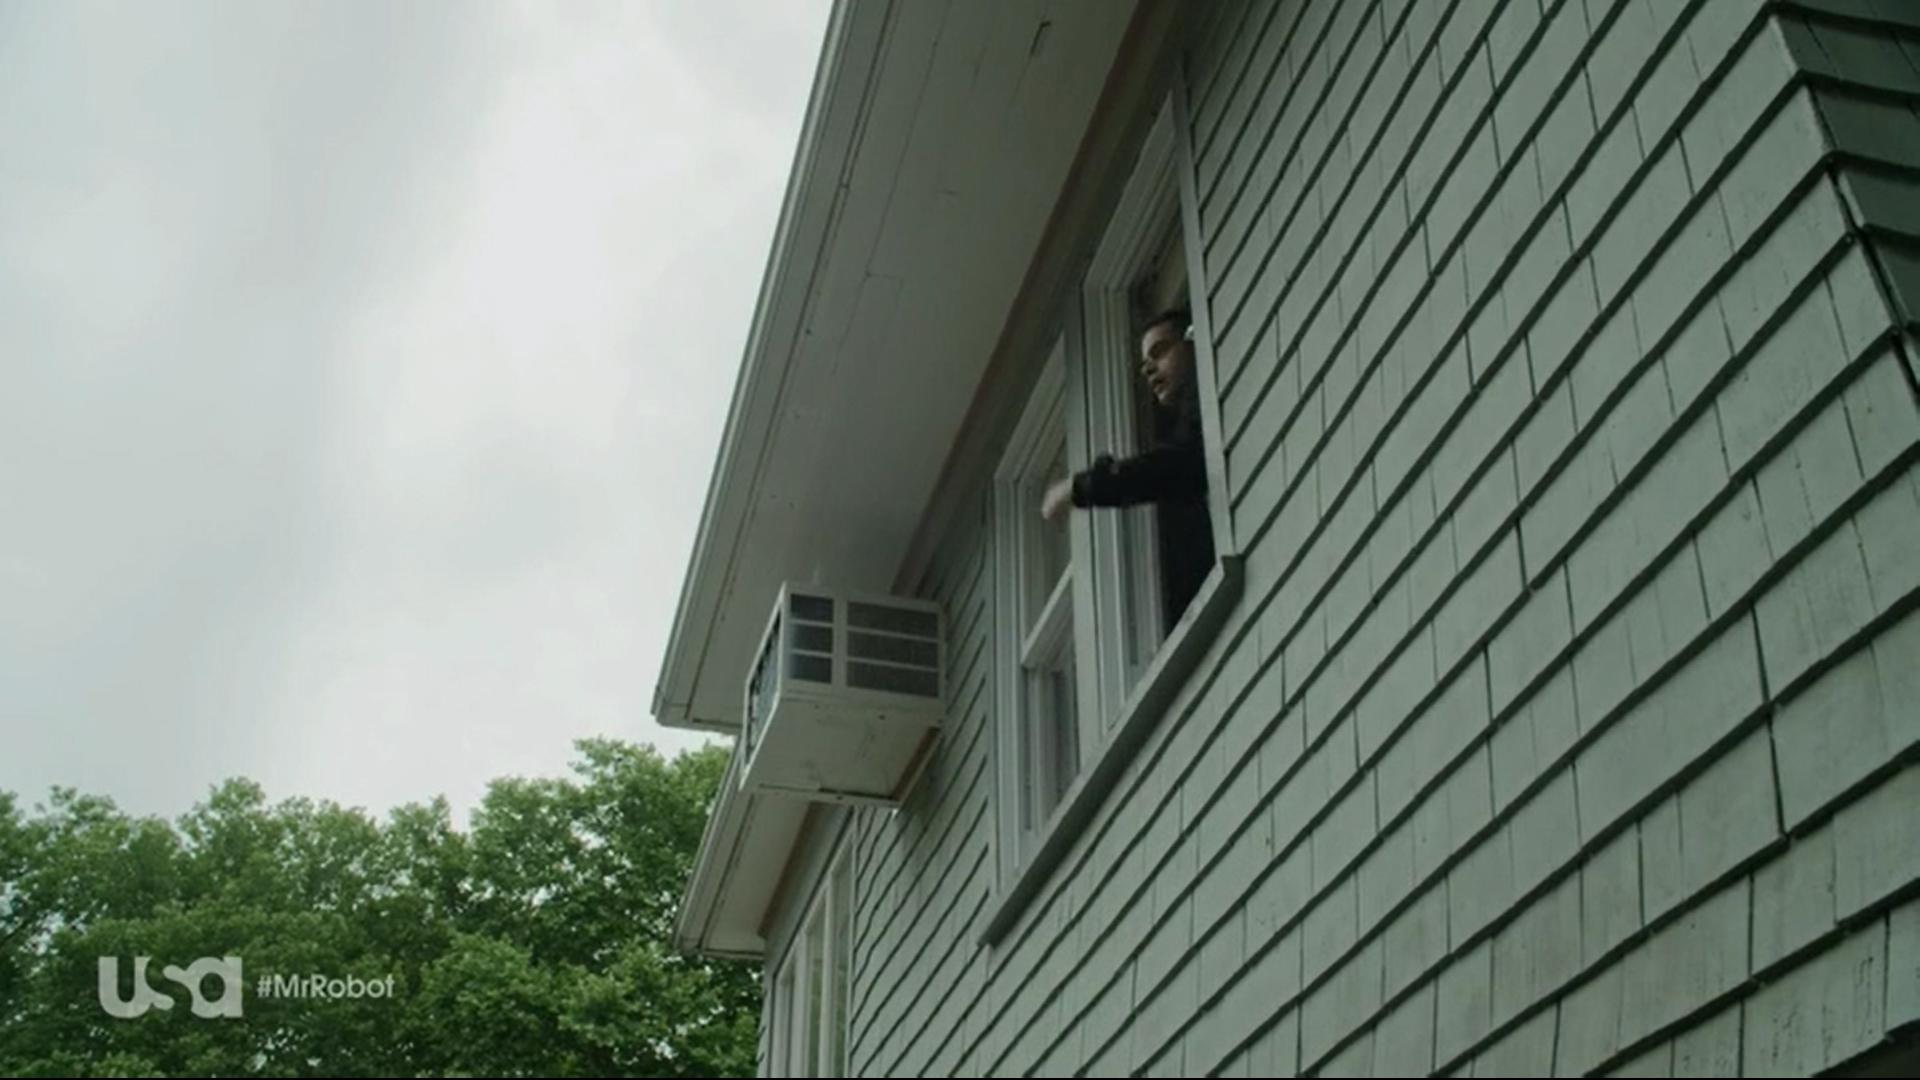 RECAP Segredos revelados no último episódio de Mr. Robot